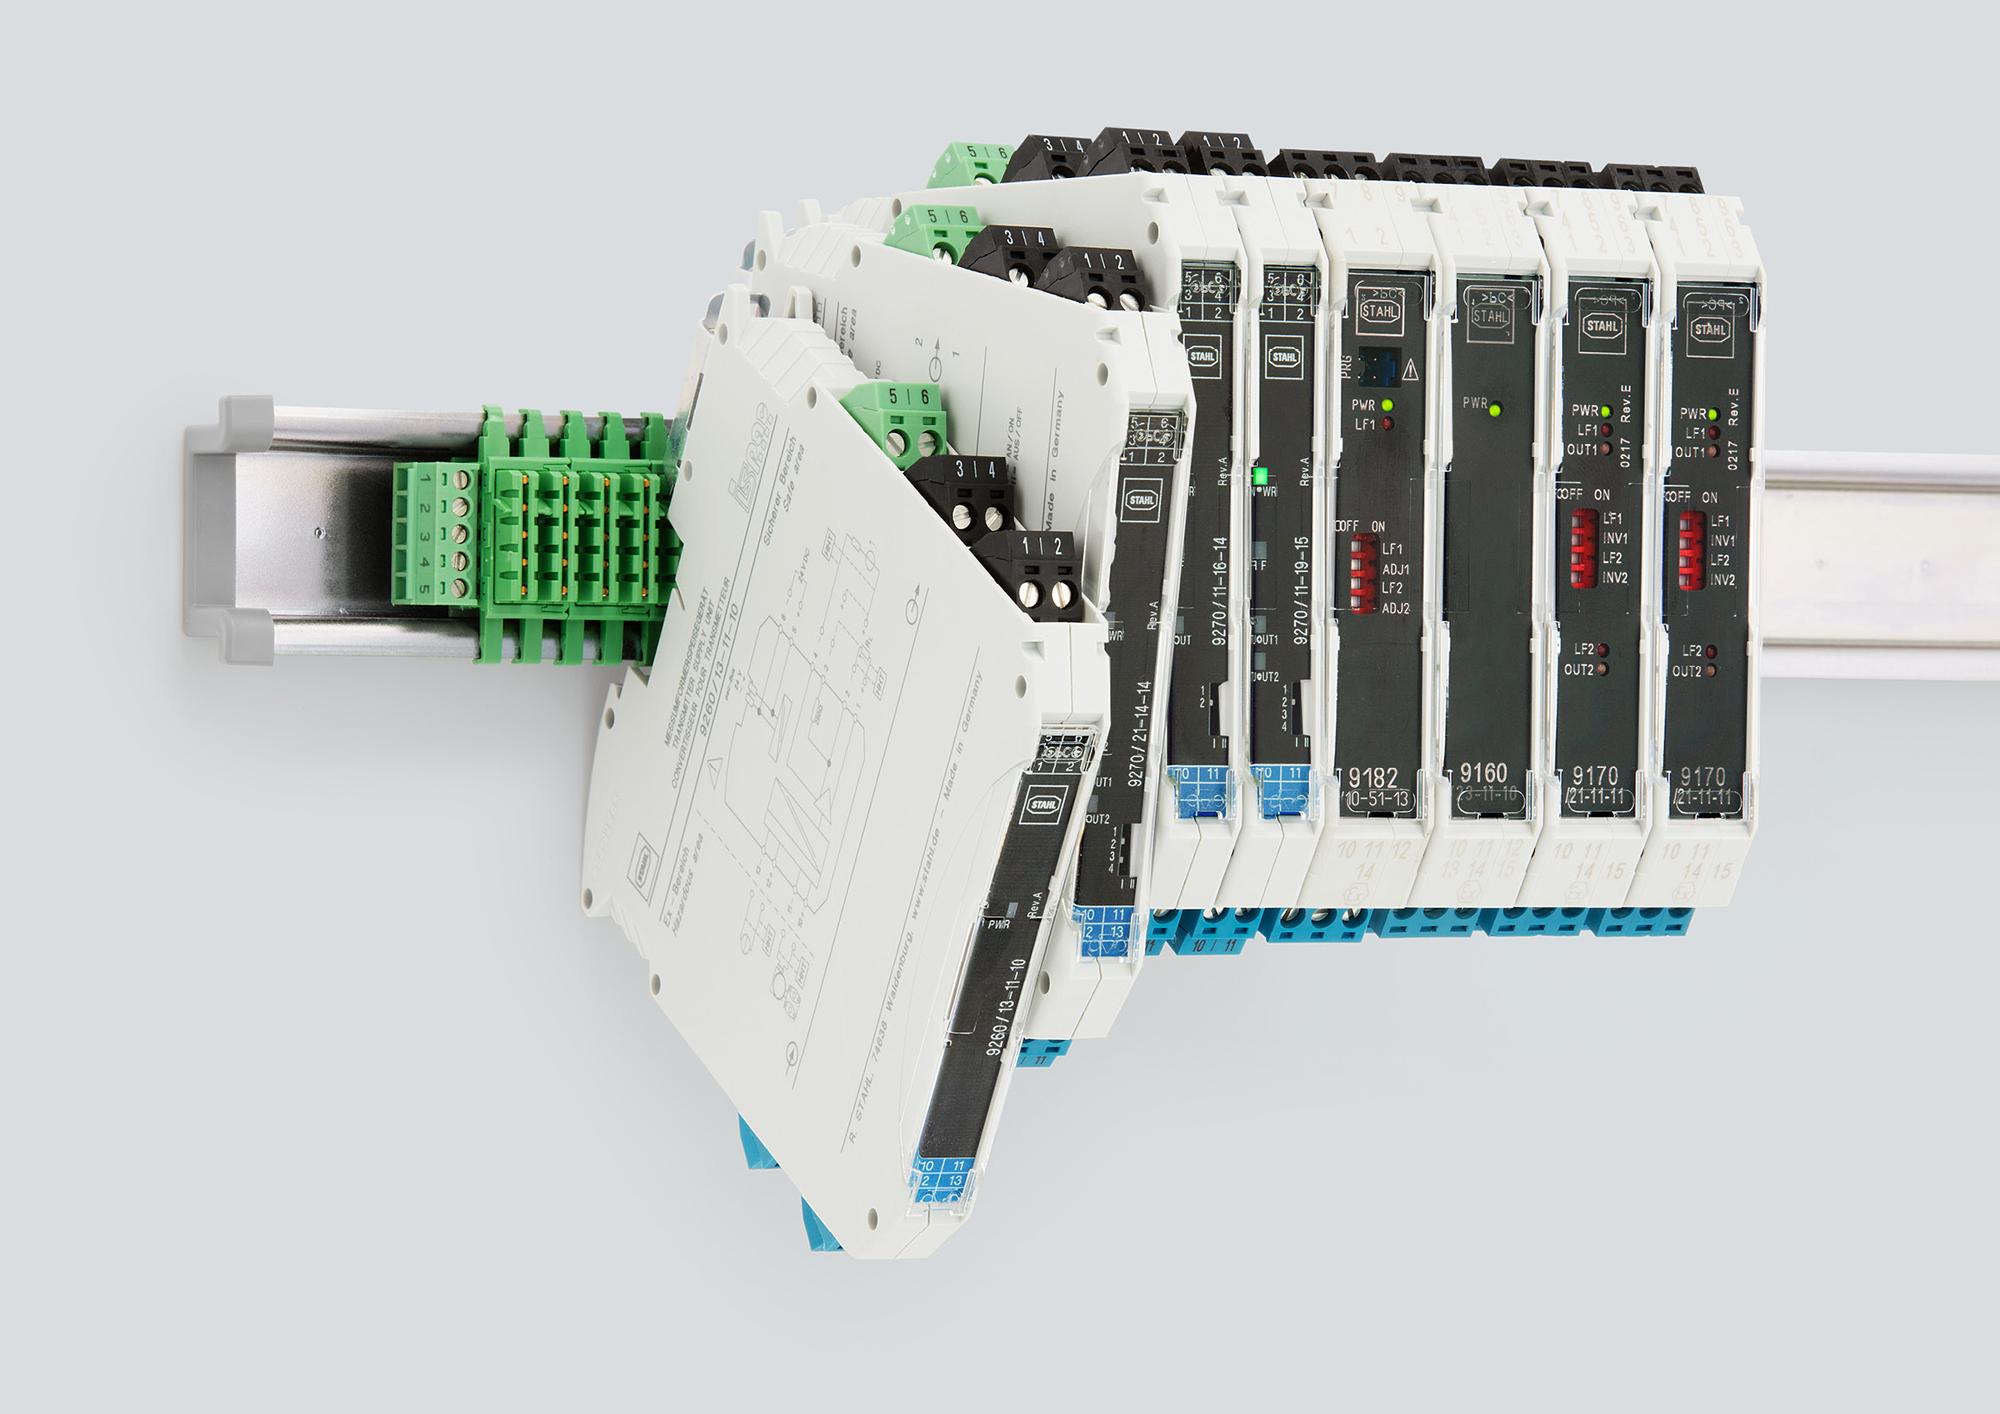 R. STAHL stellt seine neuen, nur 12,5 mm schmalen ISpac-Module für höhere Signaldichte bei geringer Baubreite vor